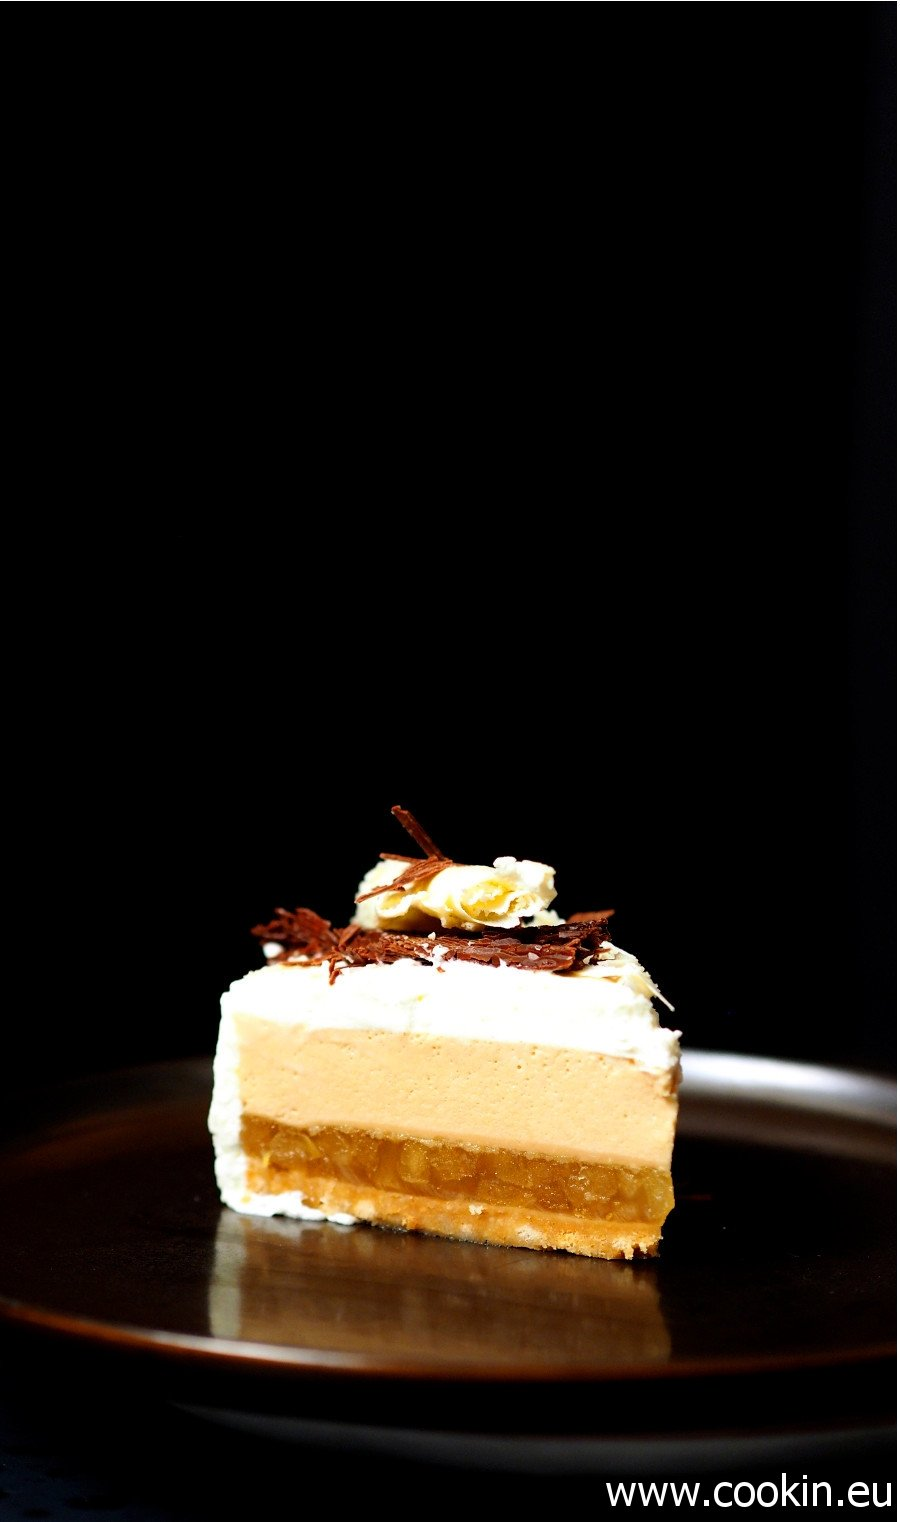 Törtchen mit Apfel, Haselnuss und Sahnecreme von karamellisierter weißer Schokolade